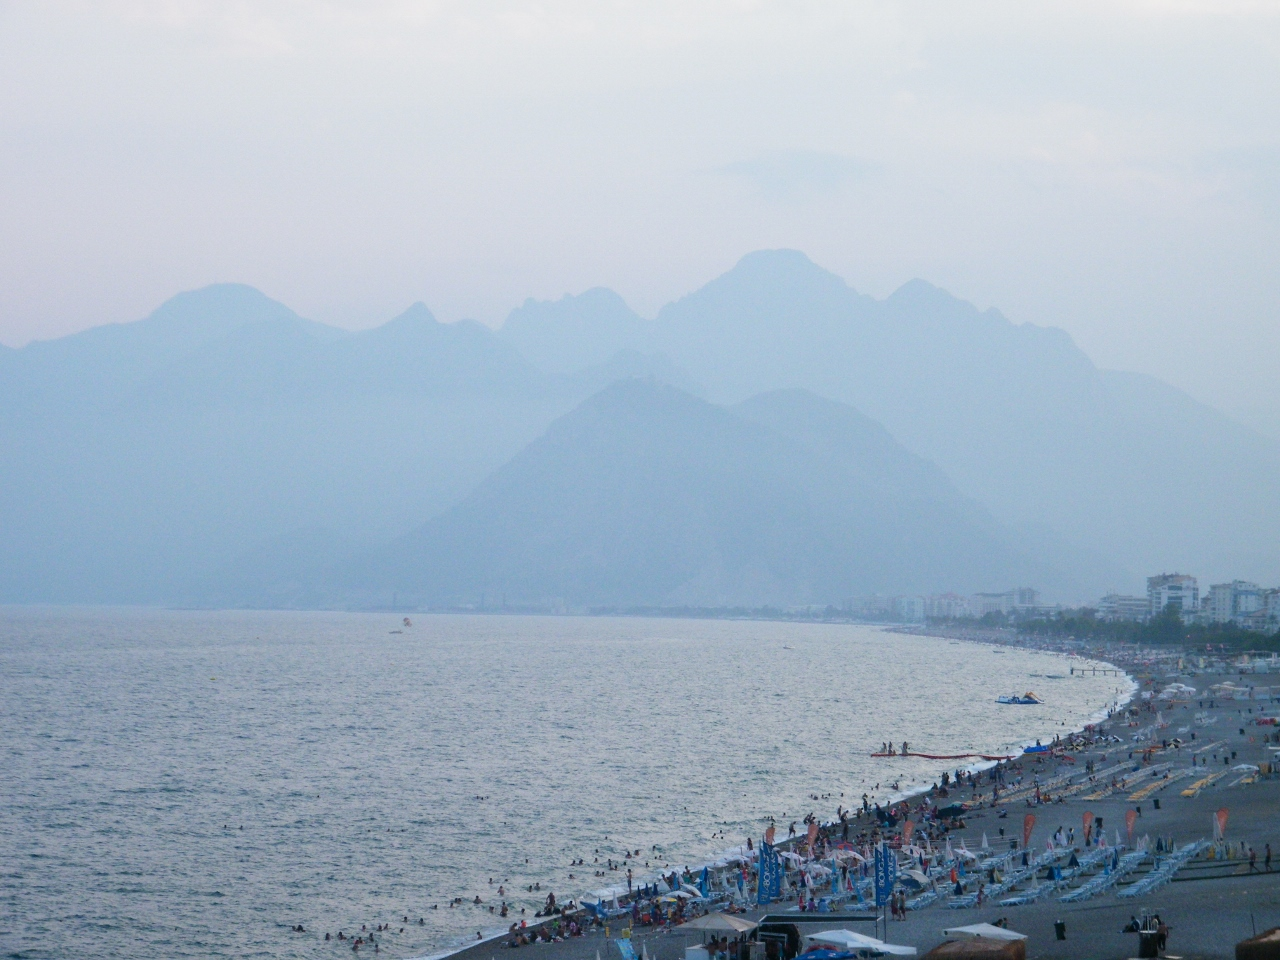 De las montañas impactantes de Antalya a las ruinas/playa de Olympus